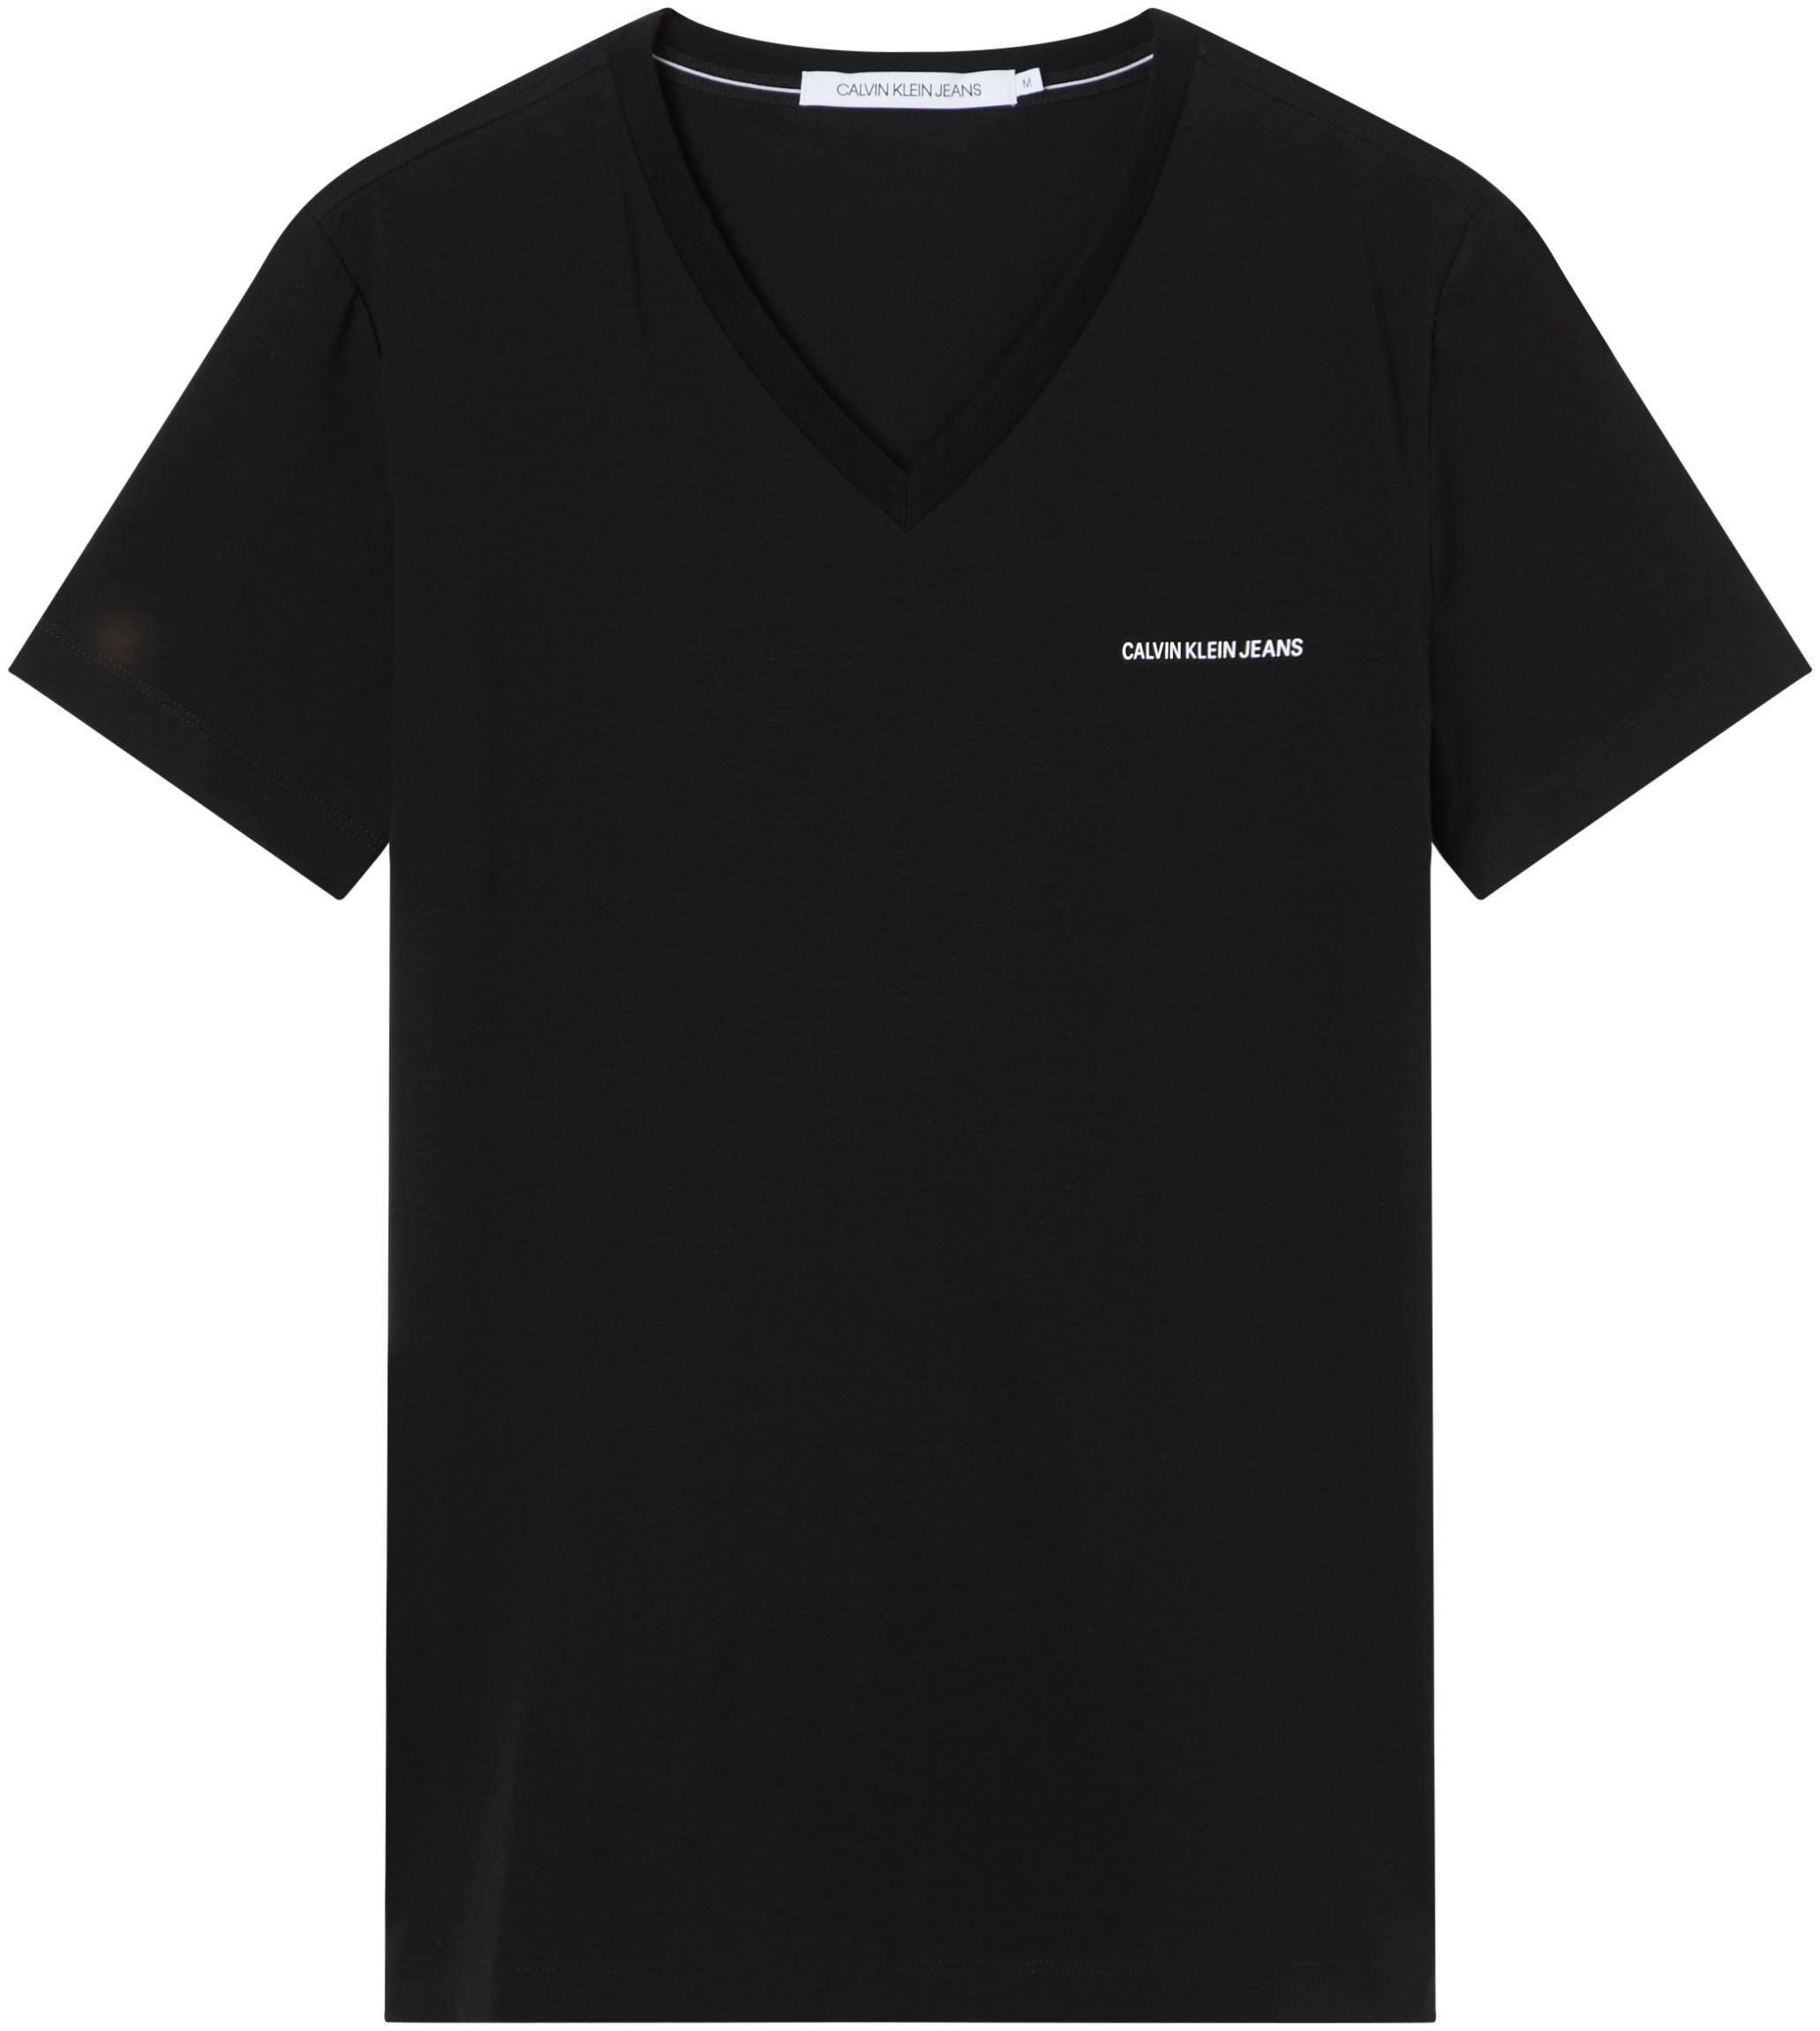 calvin klein jeans -  T-Shirt MICRO BRANDING SLIM V-NECK TEE